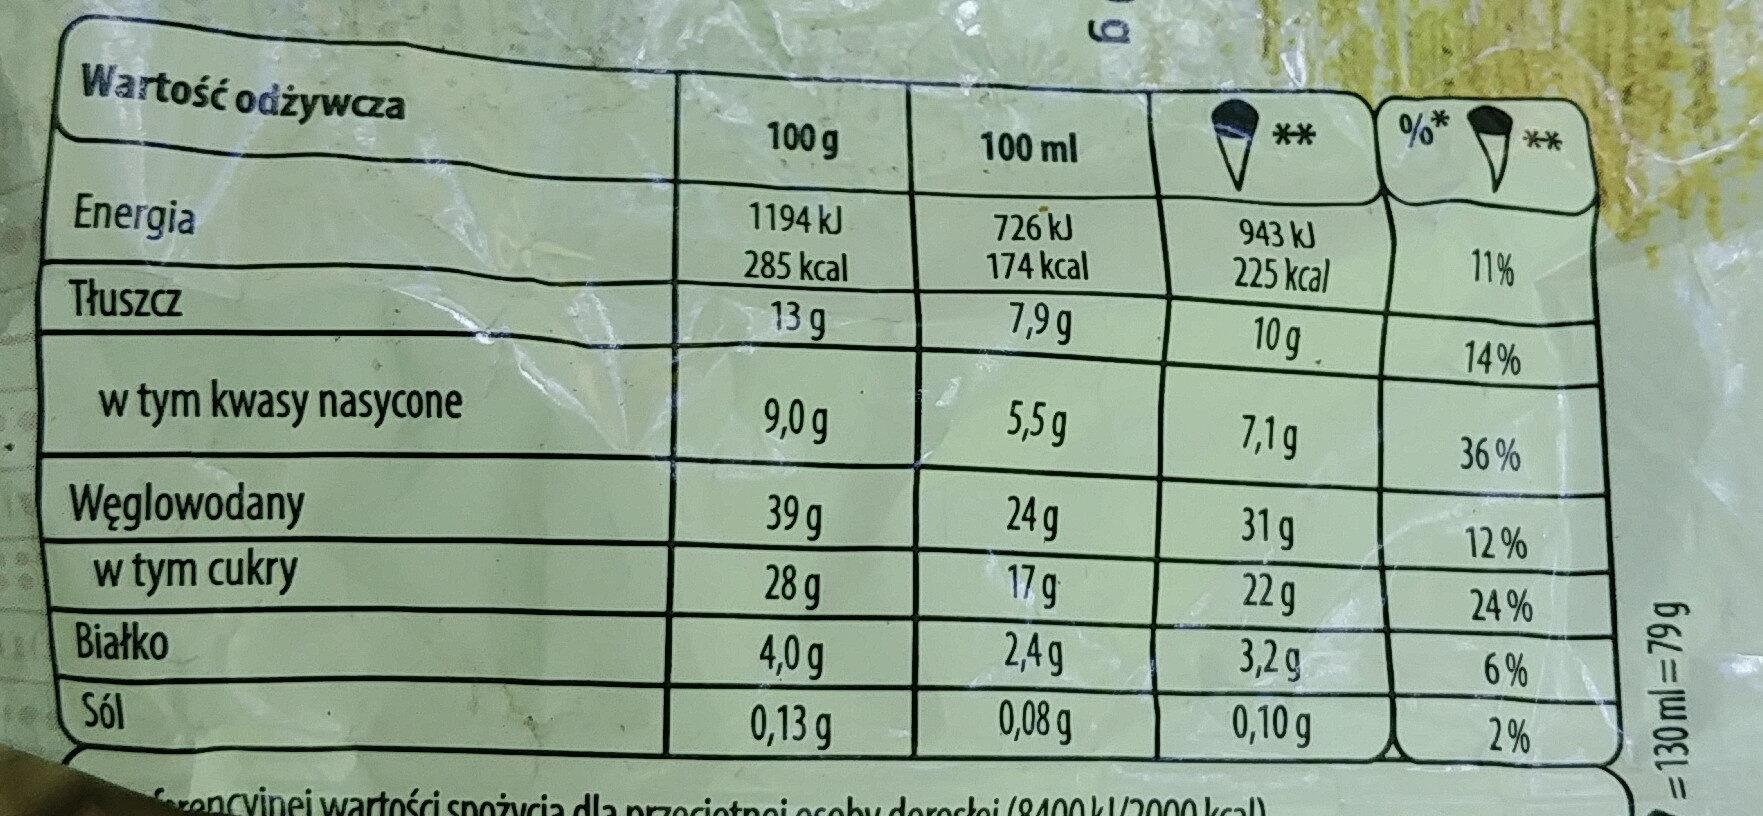 Lody o smaku jagodowym - Wartości odżywcze - pl